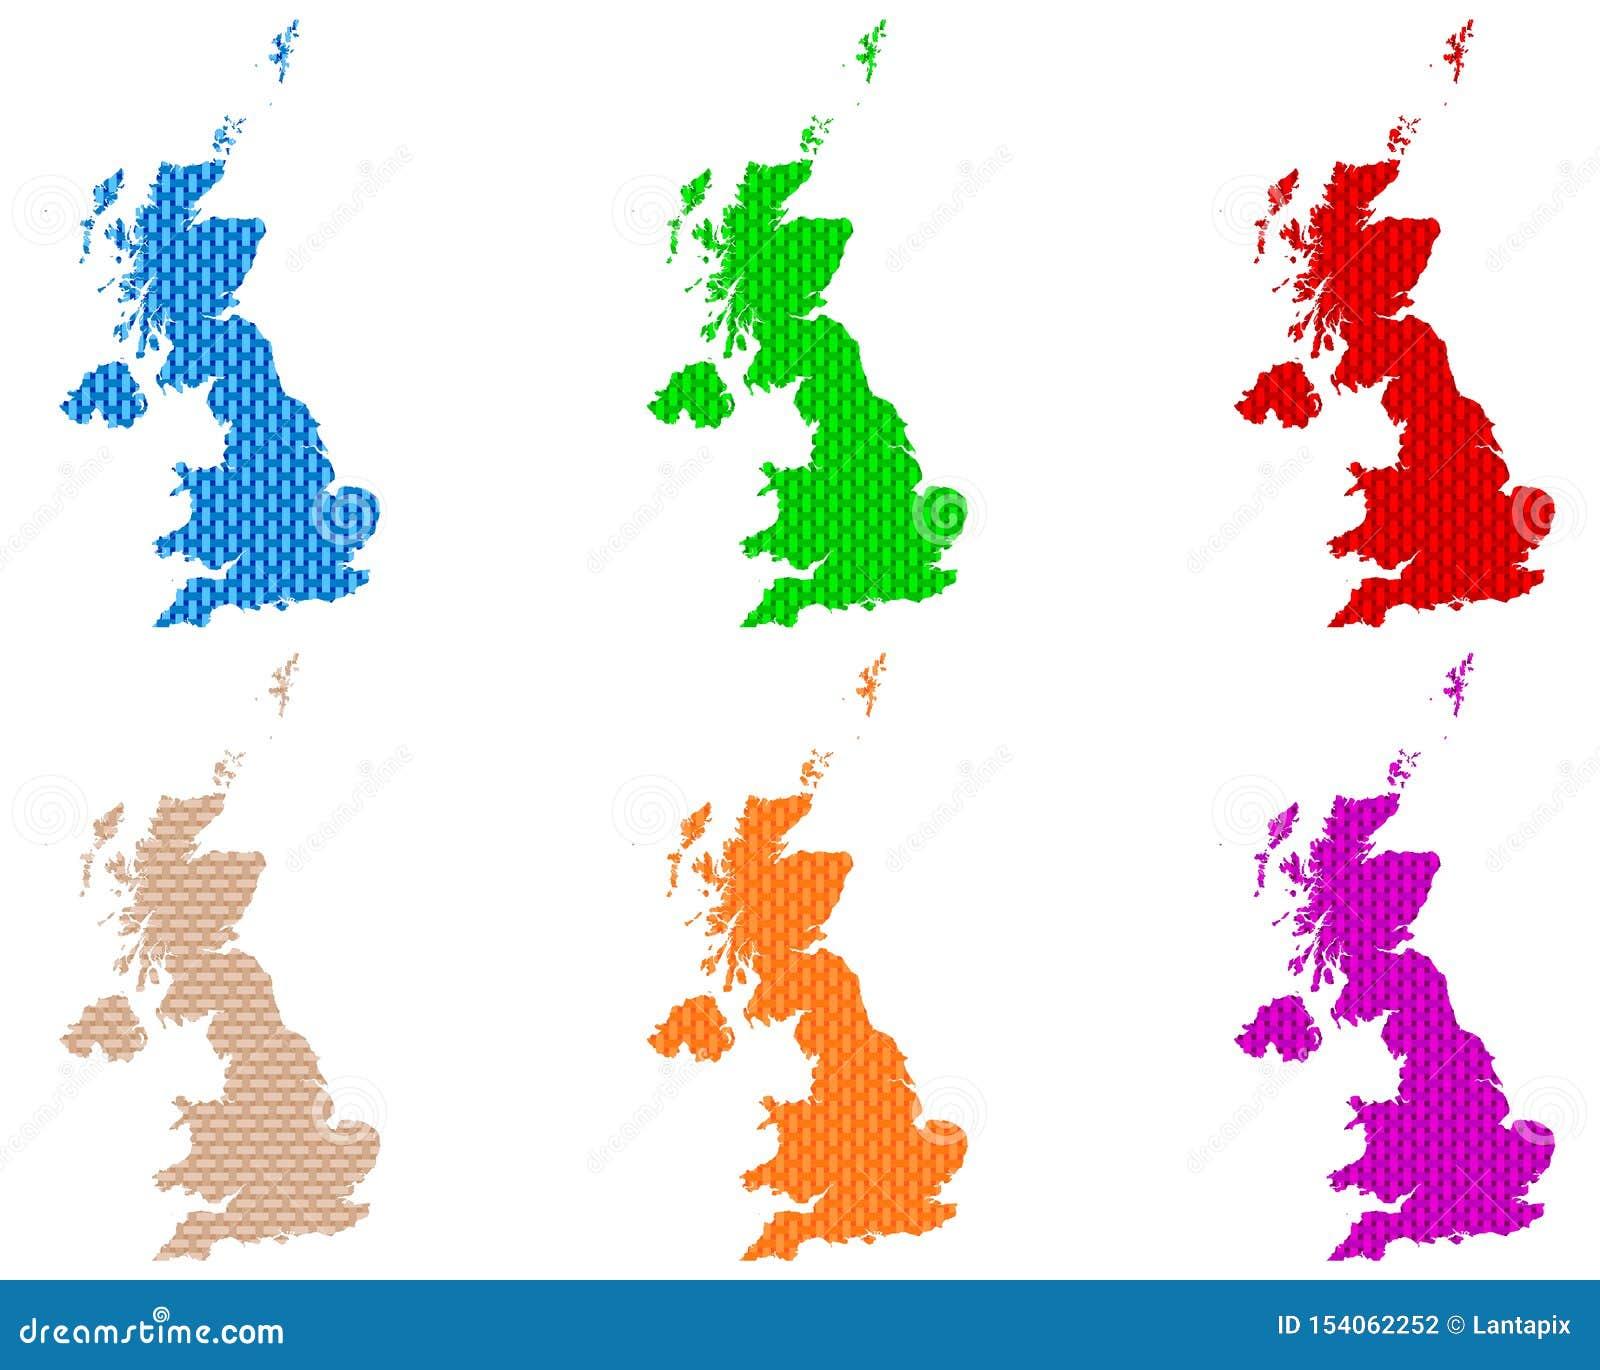 Mapas de grosseiro de Grâ Bretanha engrenado